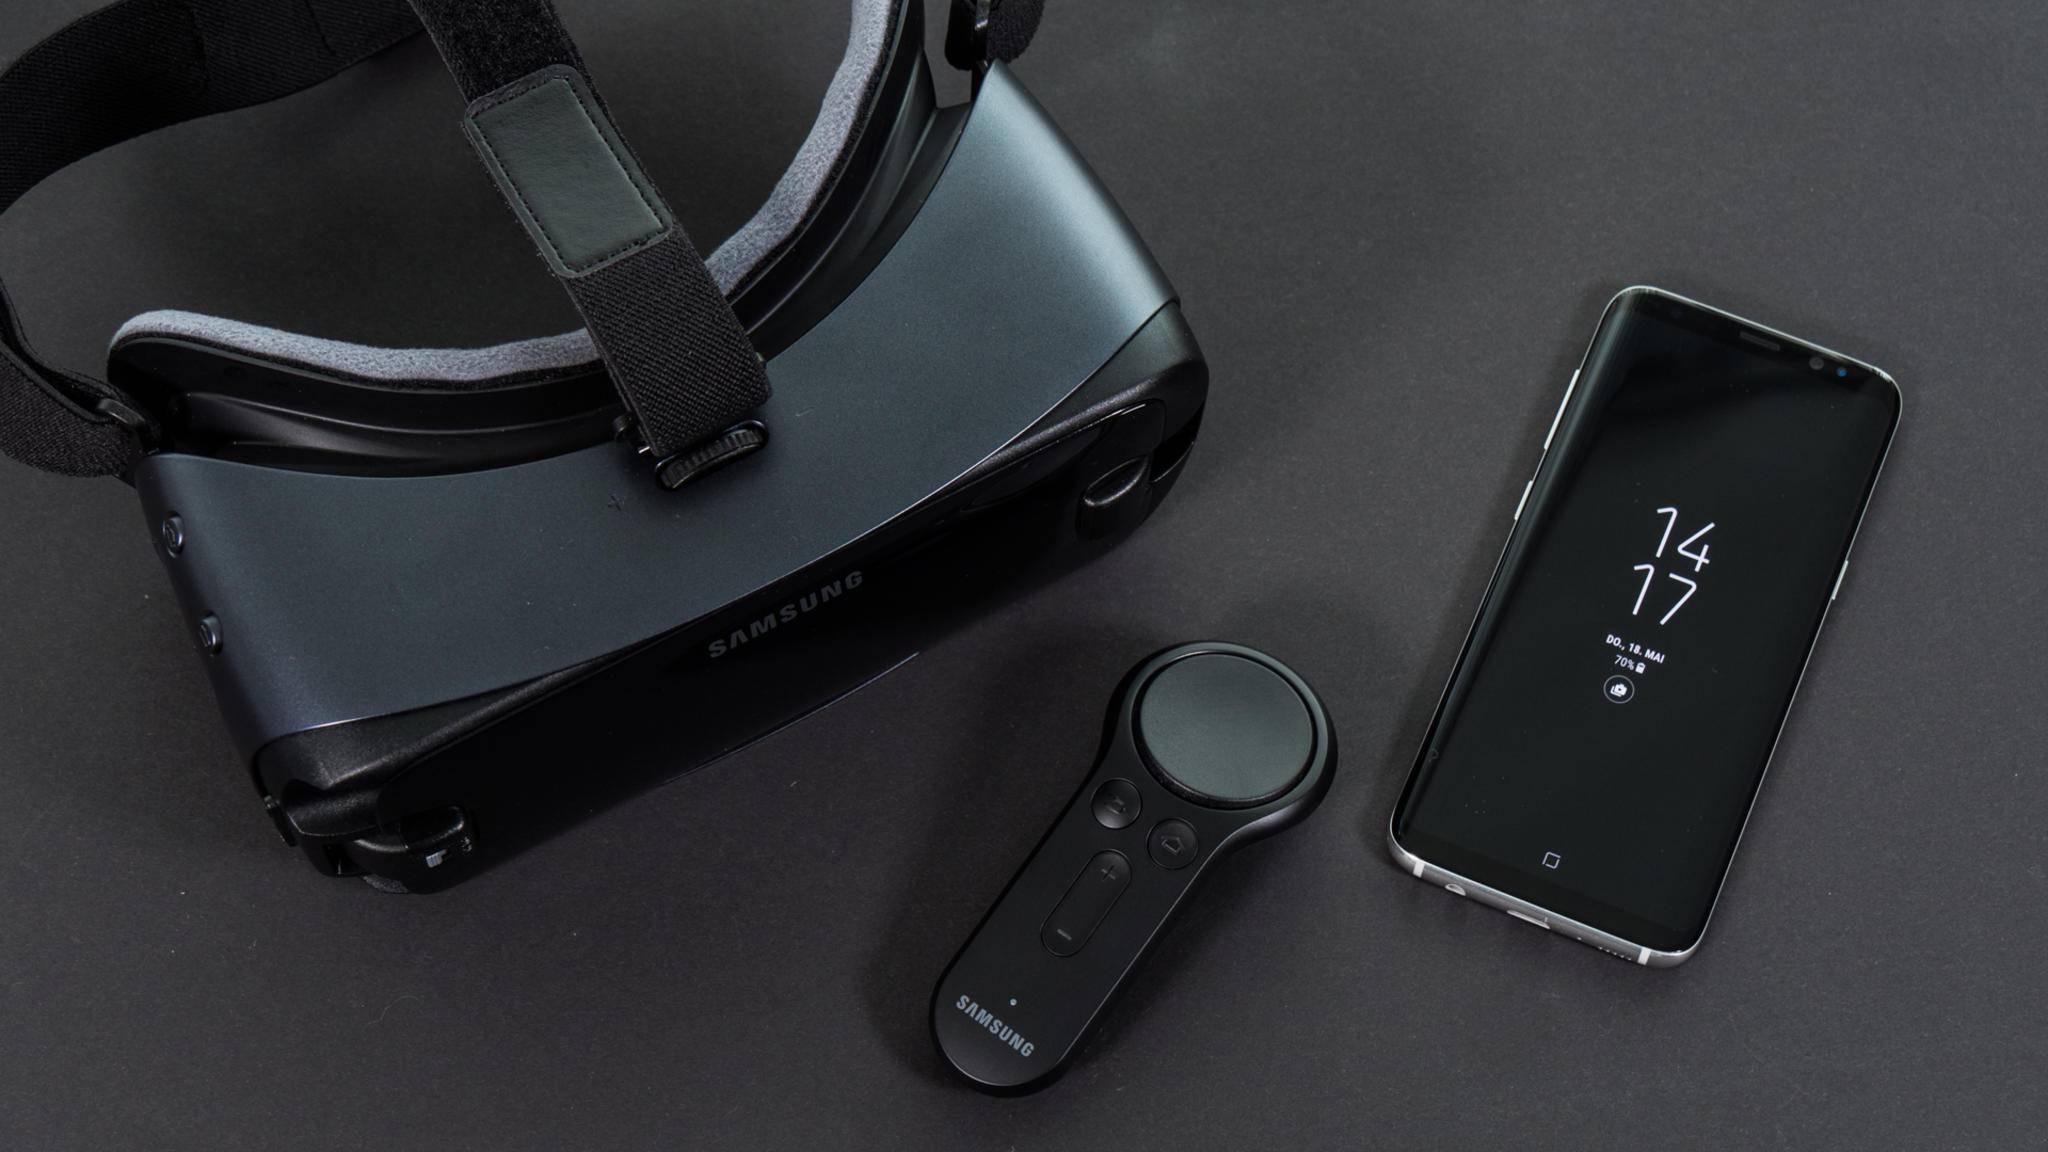 Die alte Gear VR passt nicht mehr zum Galaxy Note 8.